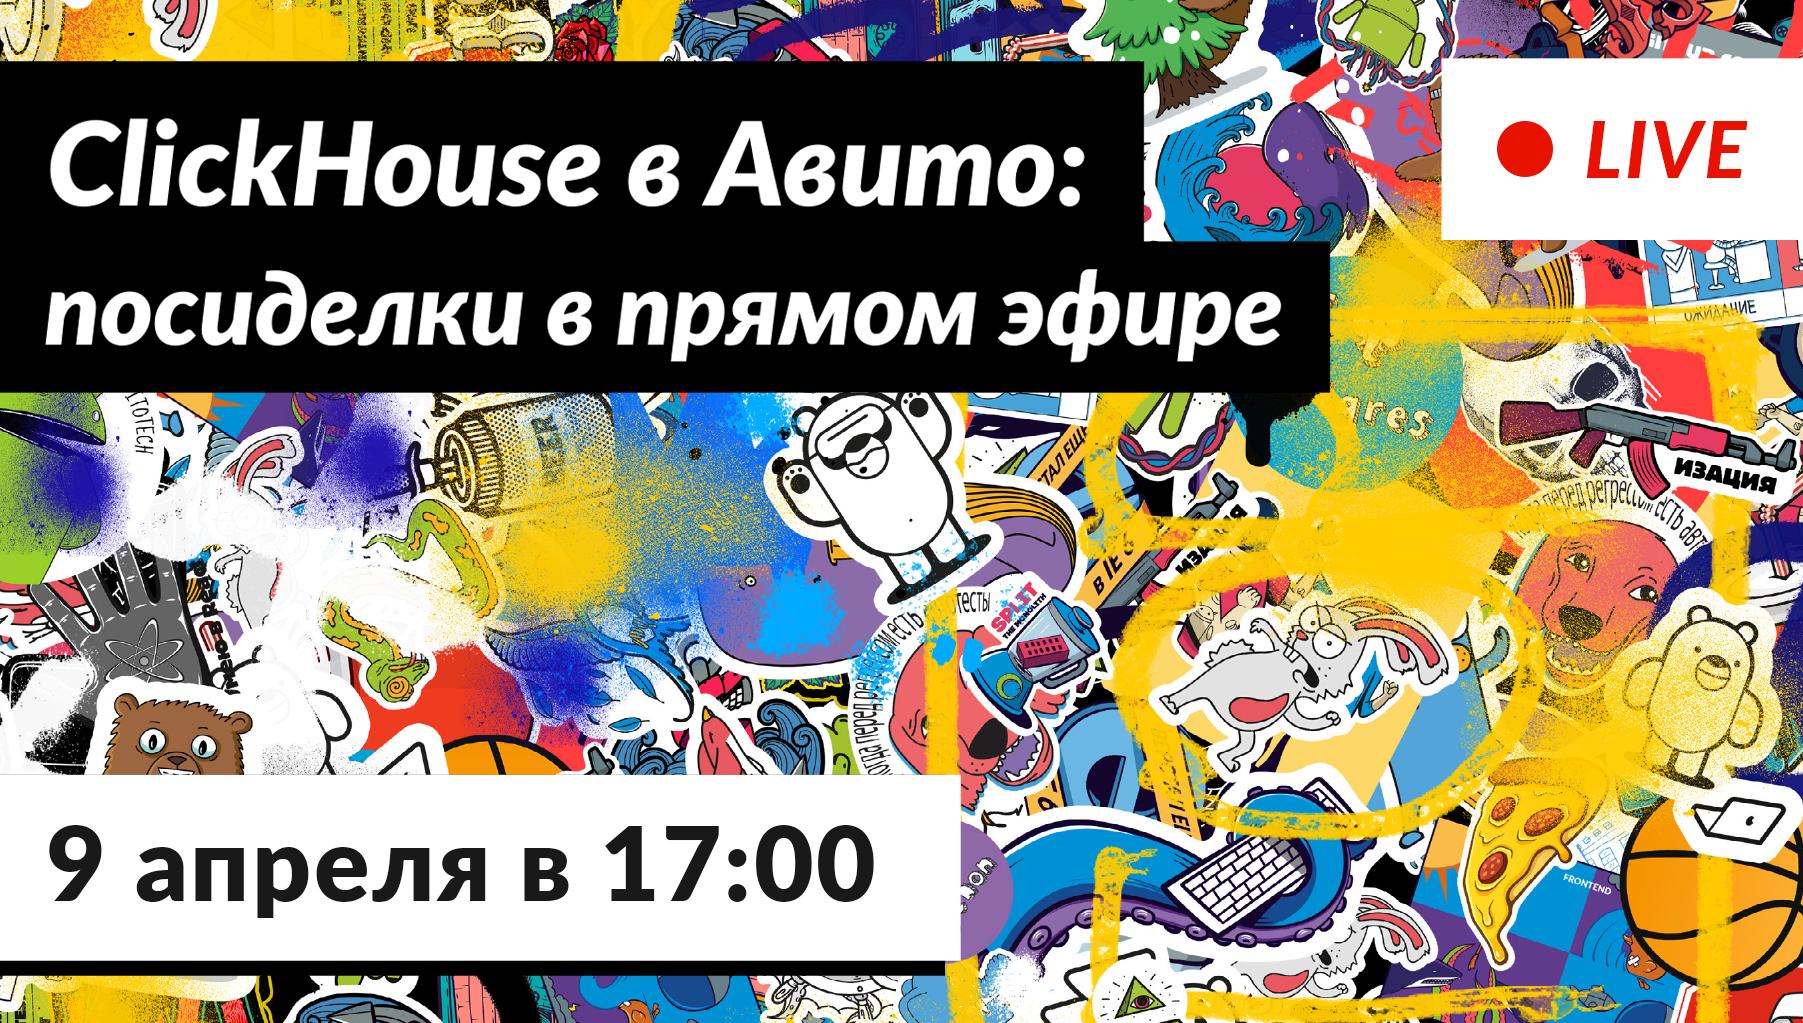 ClickHouse в Авито: посиделки в прямом эфире с Алексеем Миловидовым